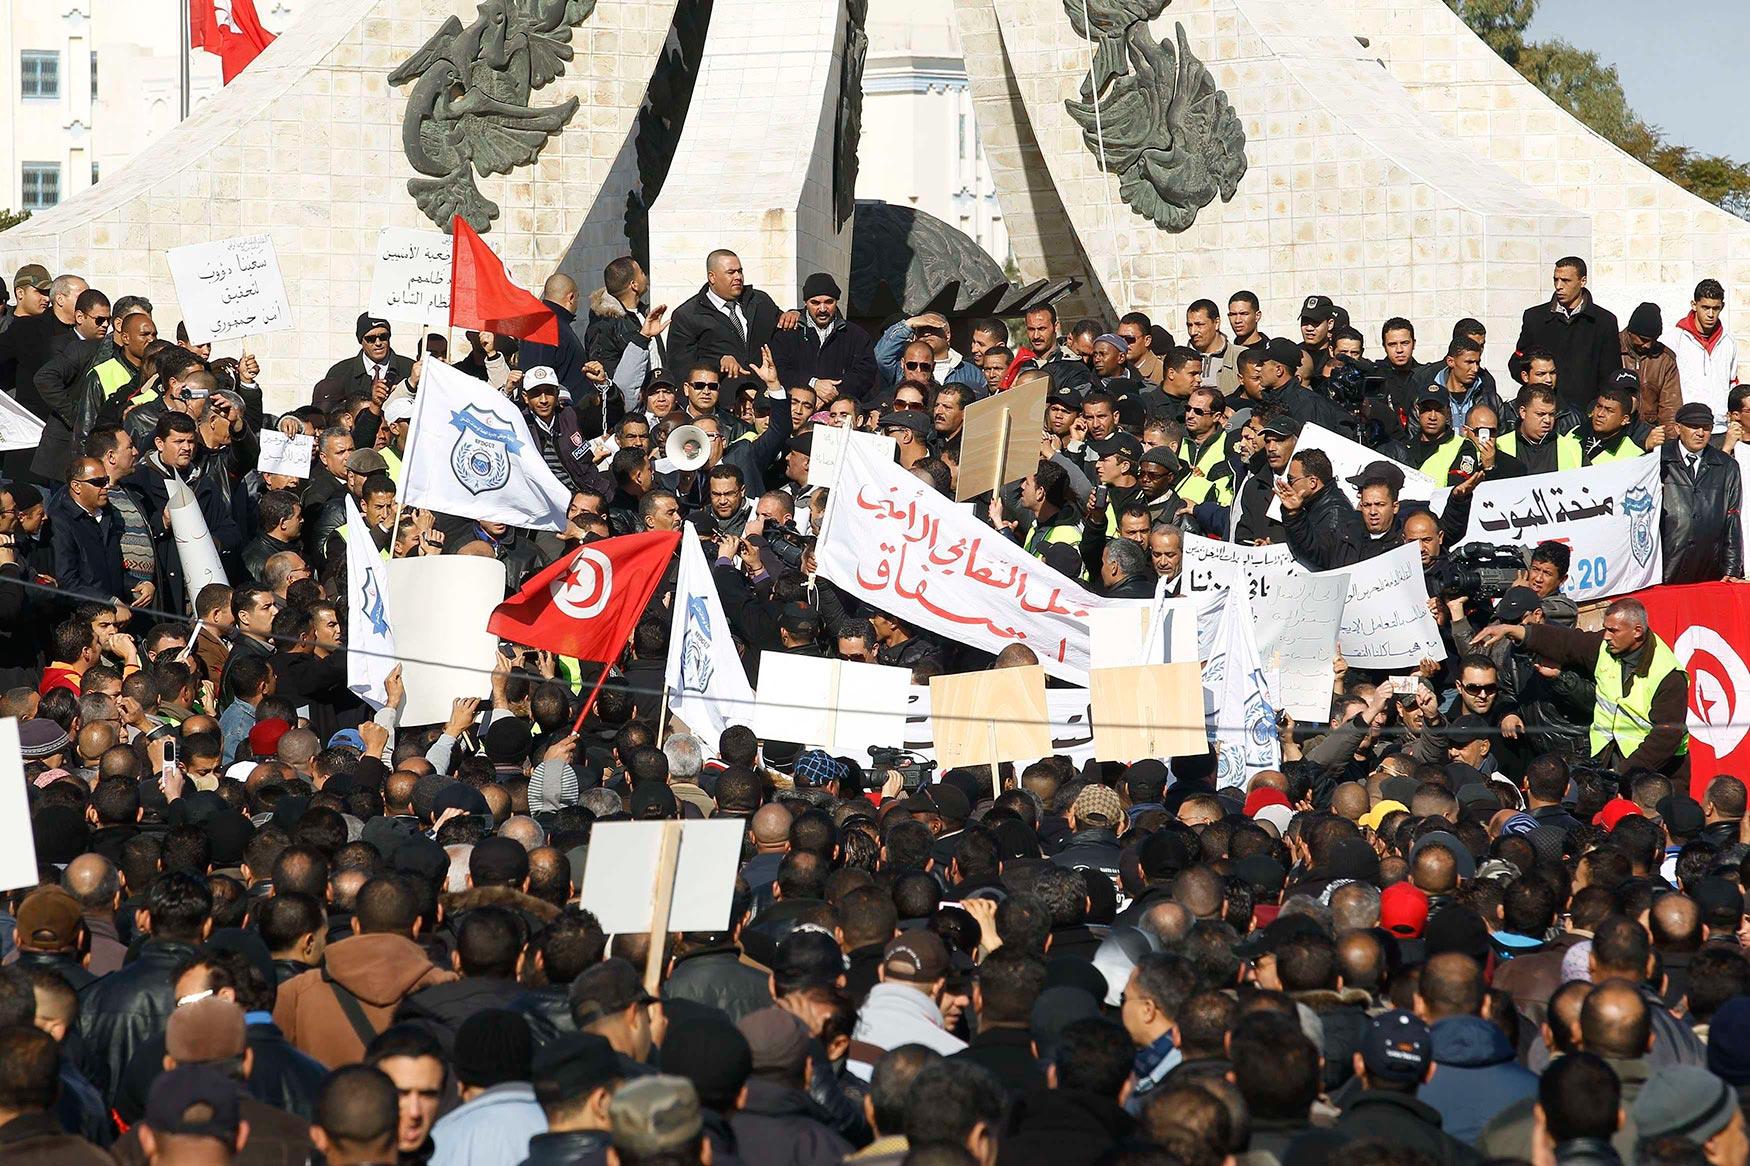 محاولة حرق المقر المركزي لحركة نداء تونس!